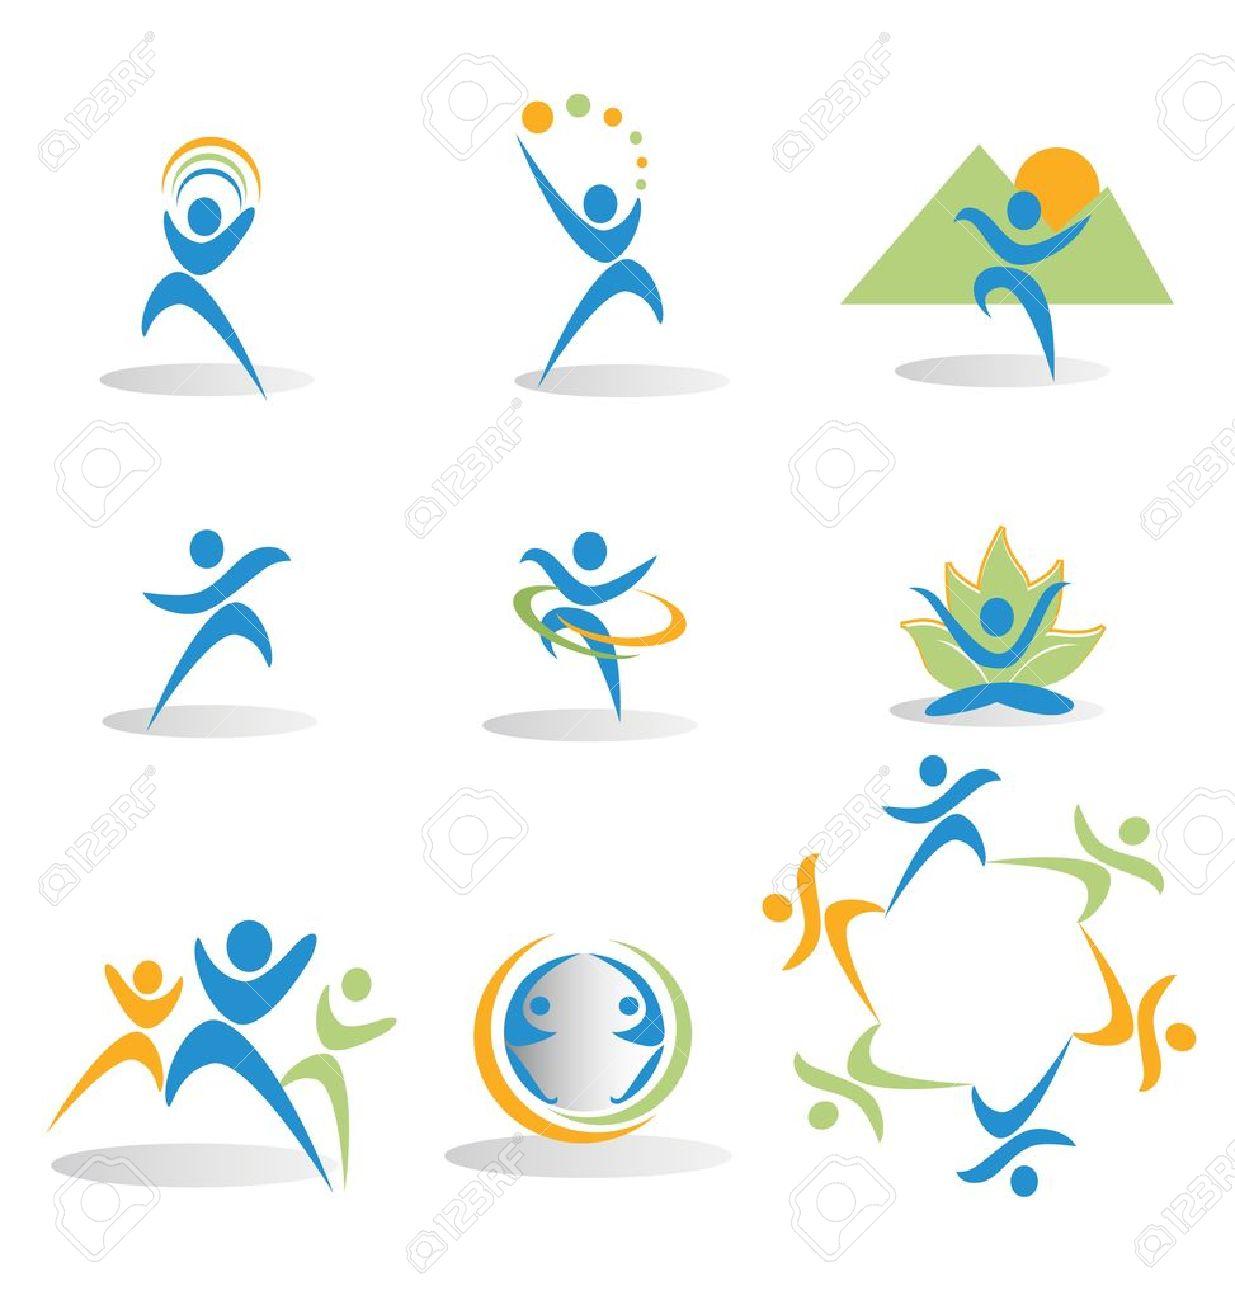 Gesundheit, Natur, Yoga, Wirtschaftlichen, Sozialen Icons Logos ...